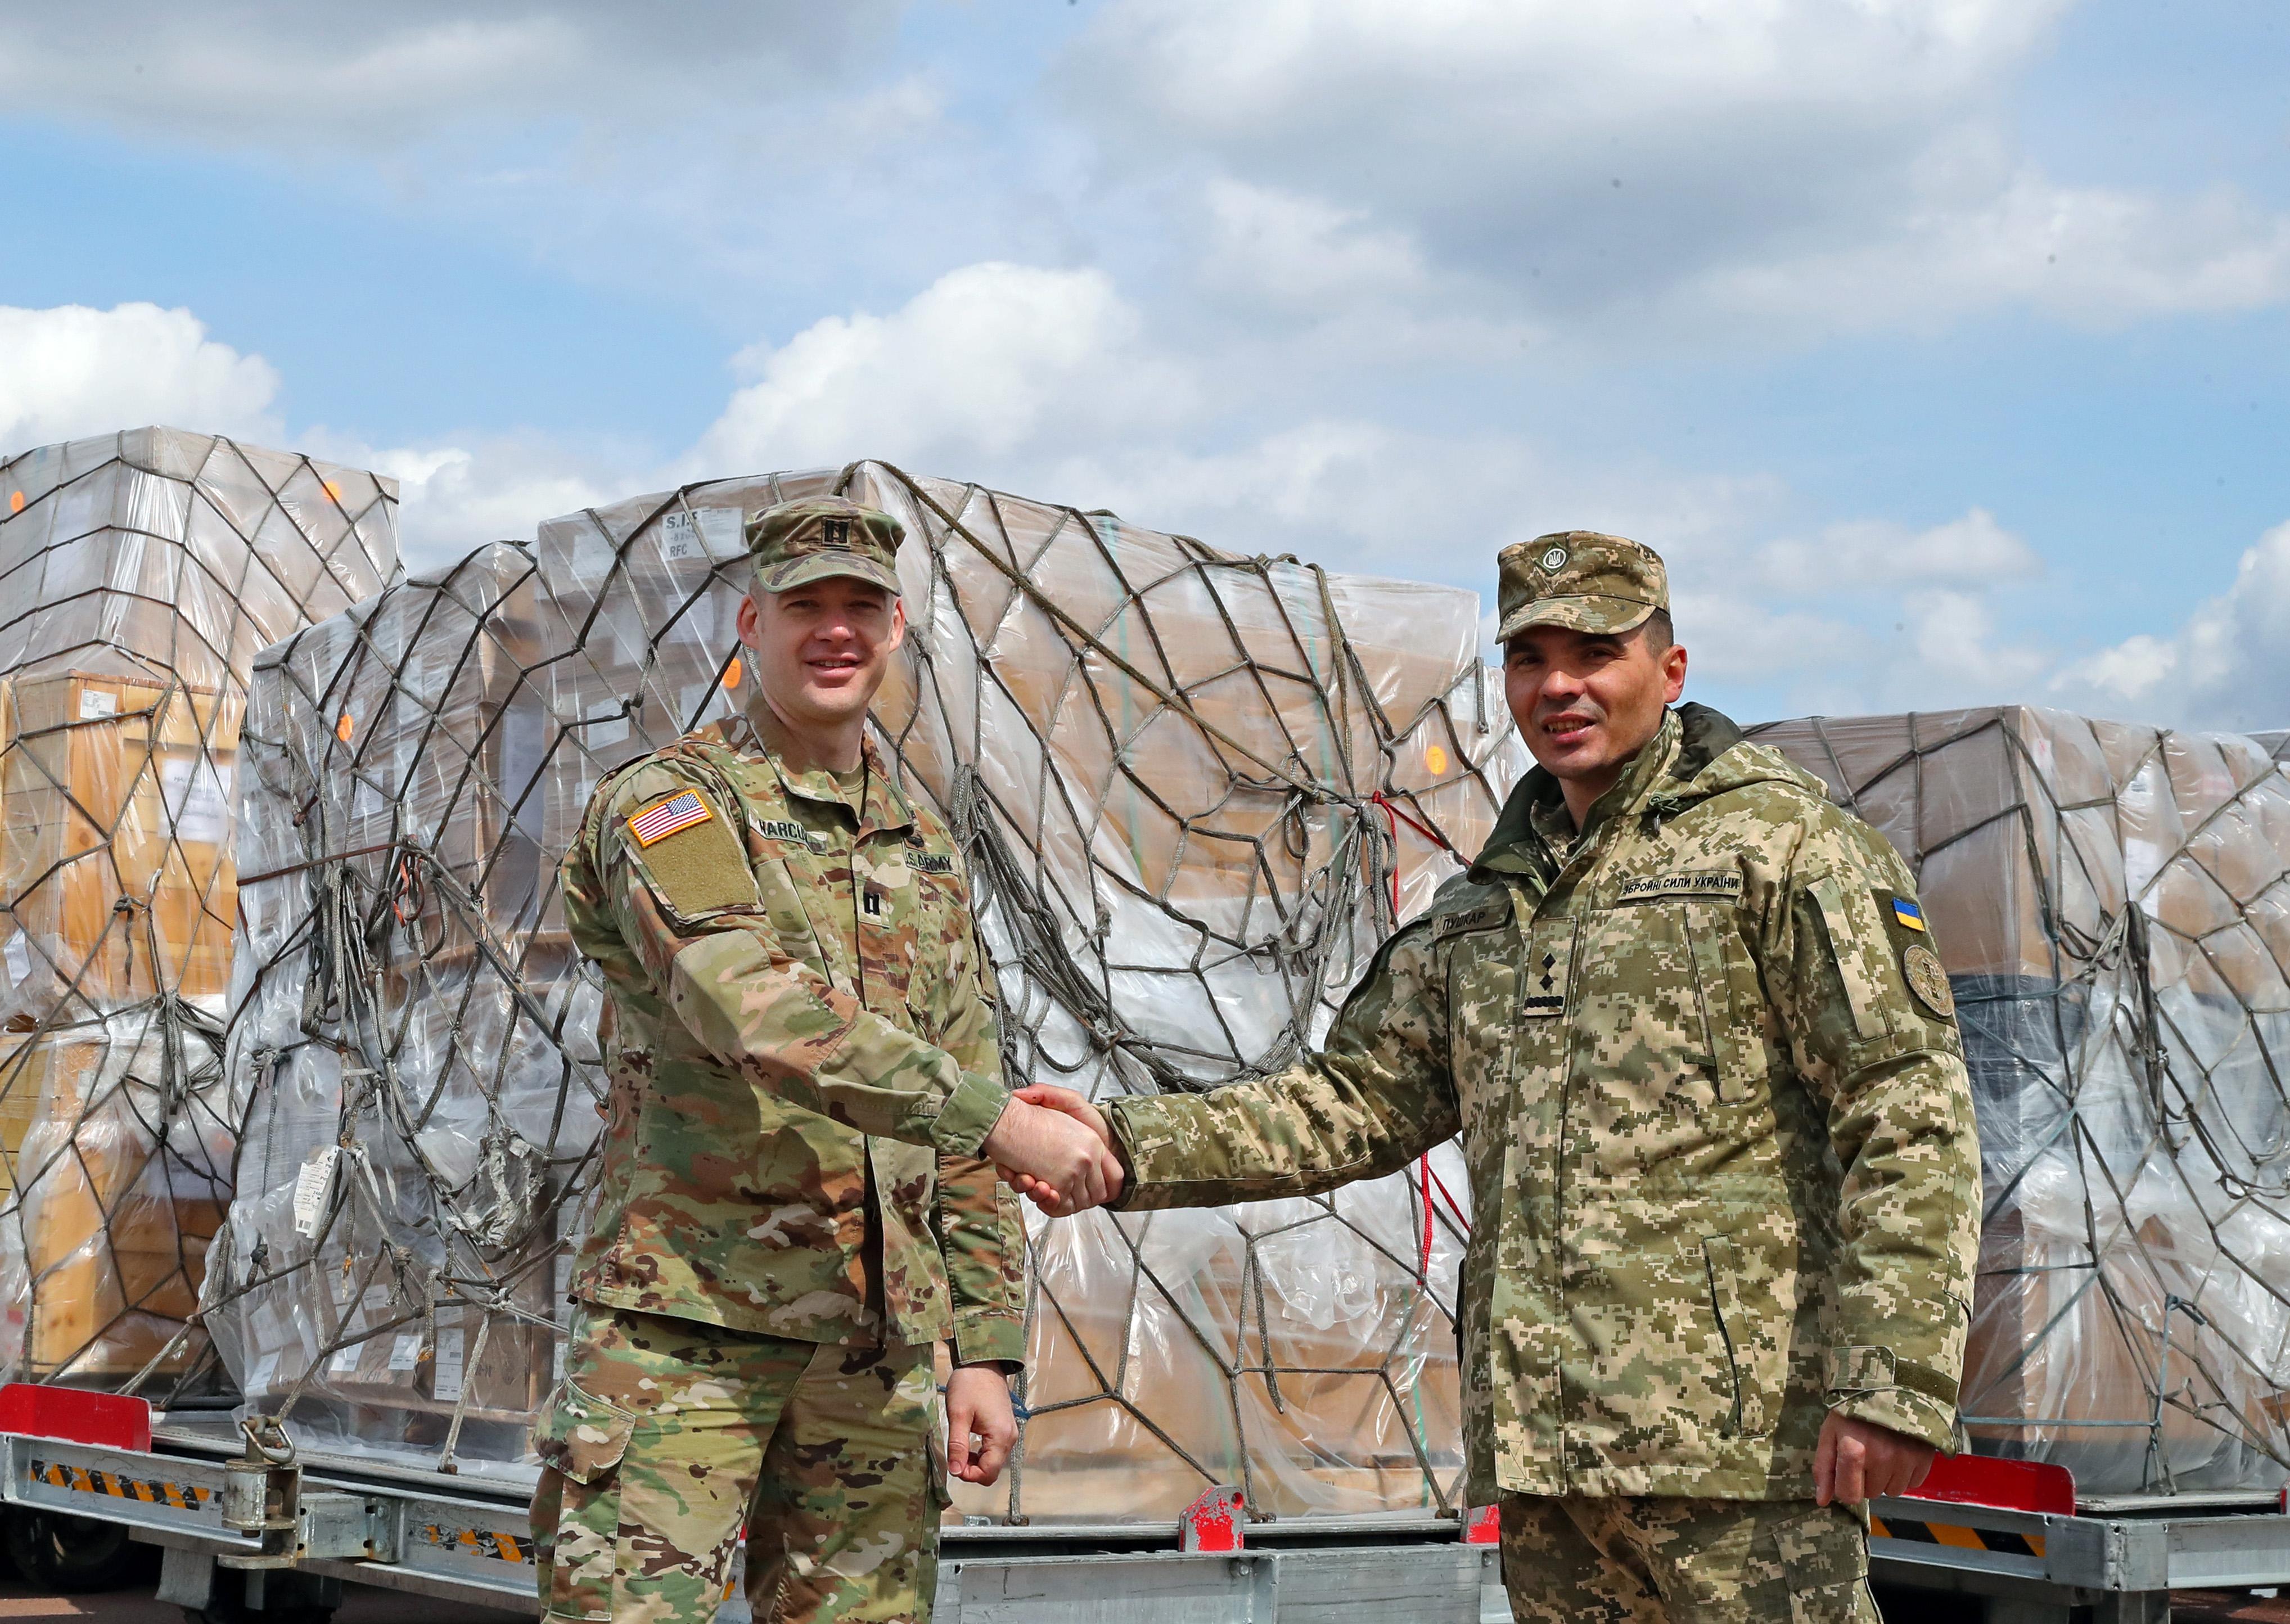 США продовжують підтримувати українську армію/ фото посольства США в Києві